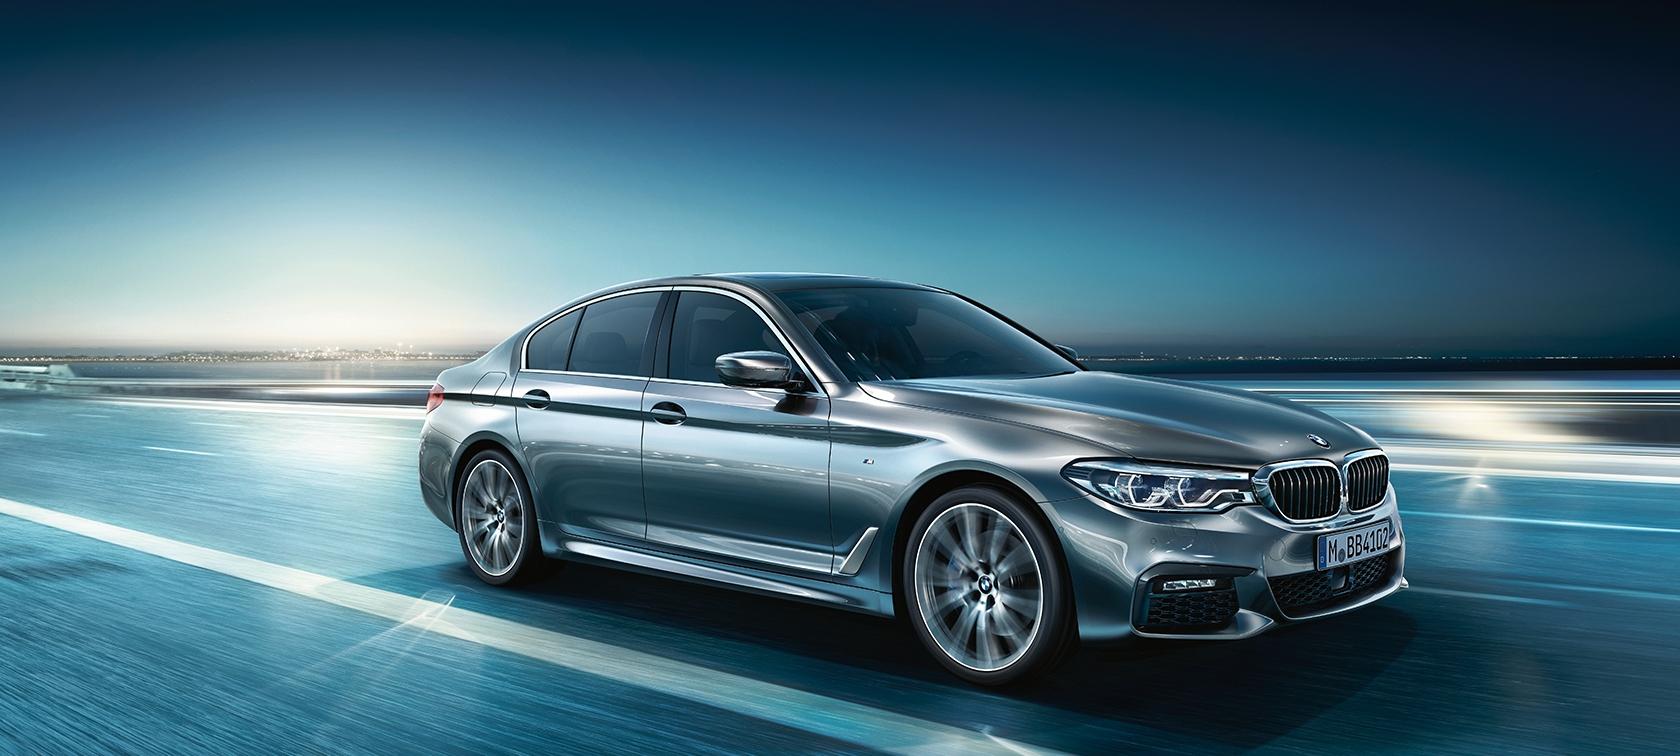 Contoh BMW Seri 5 yang merupakan salah satu reward yang bisa diraih.  Sangat Eklusive untuk Anda. Reward sesuai dengan kebijakan perusahaan